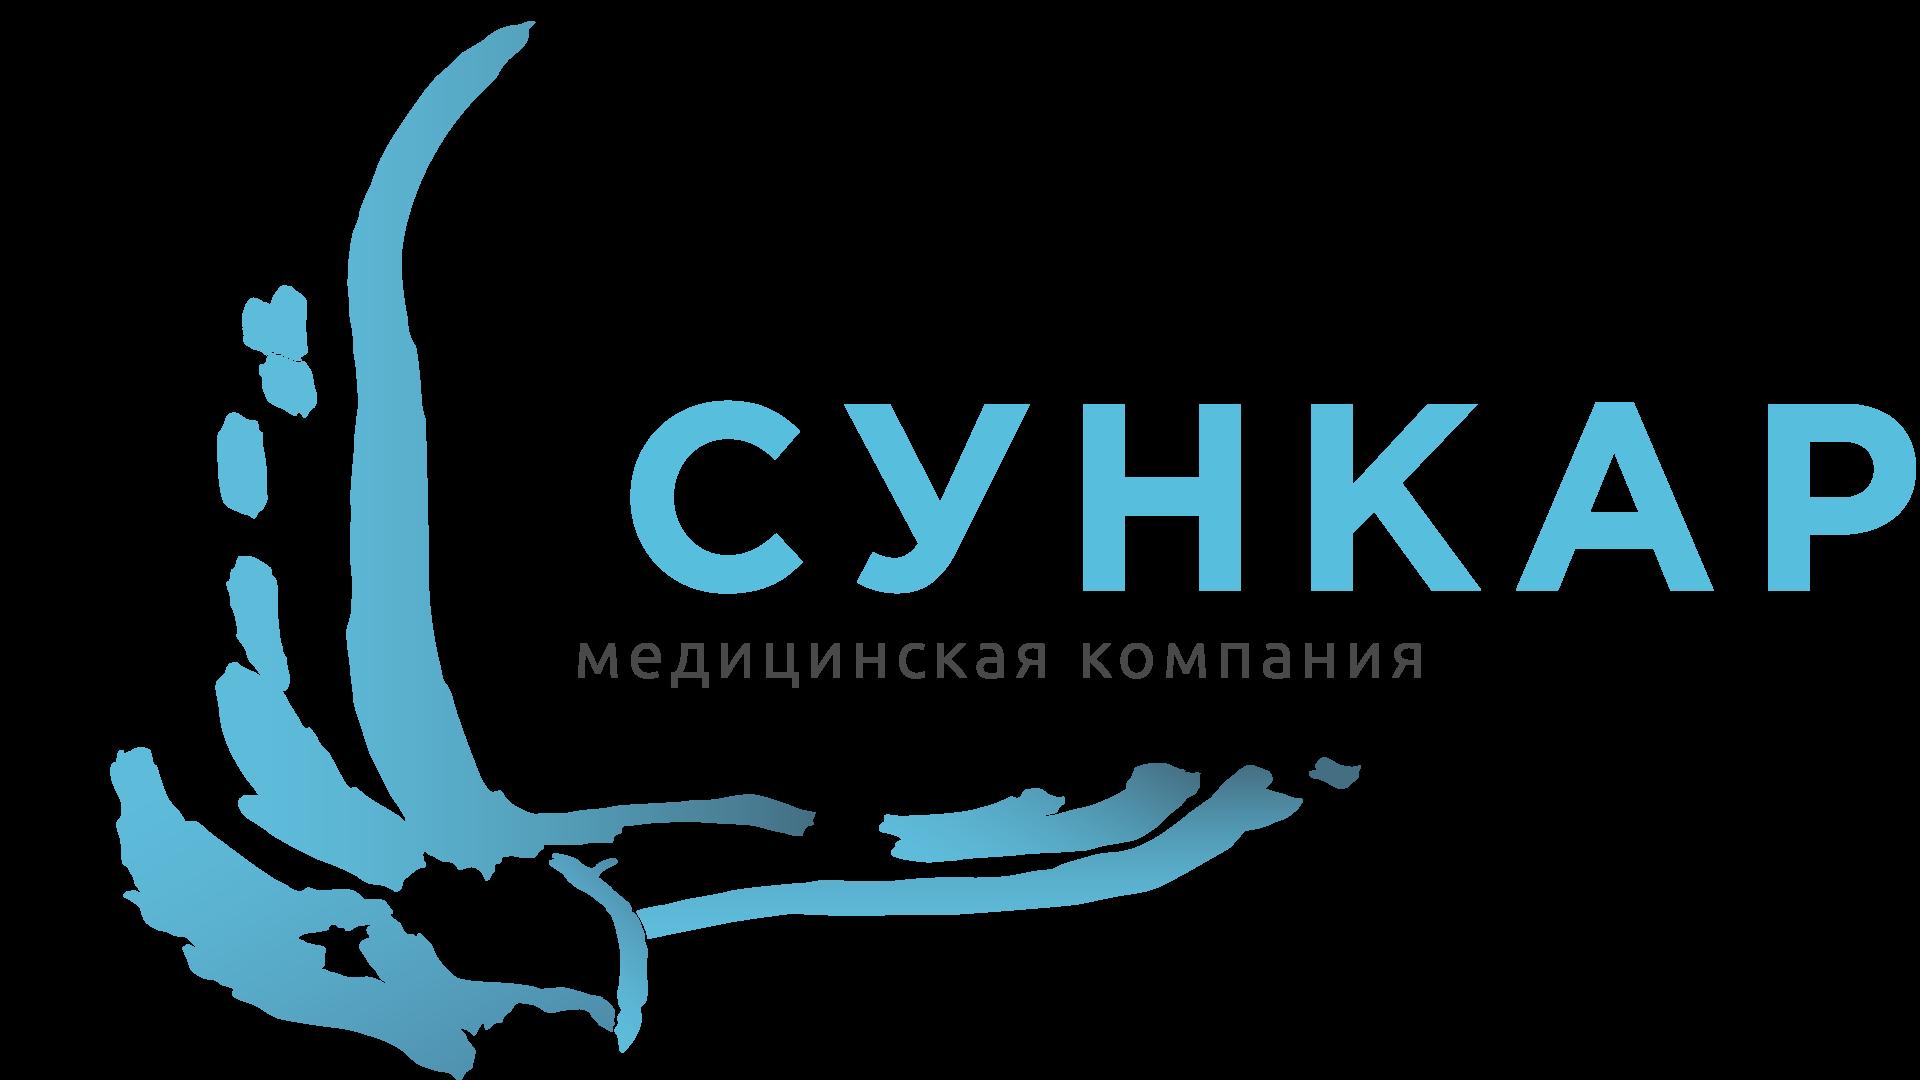 """Медицинский центр """"СУНКАР"""" на Казахстанской"""